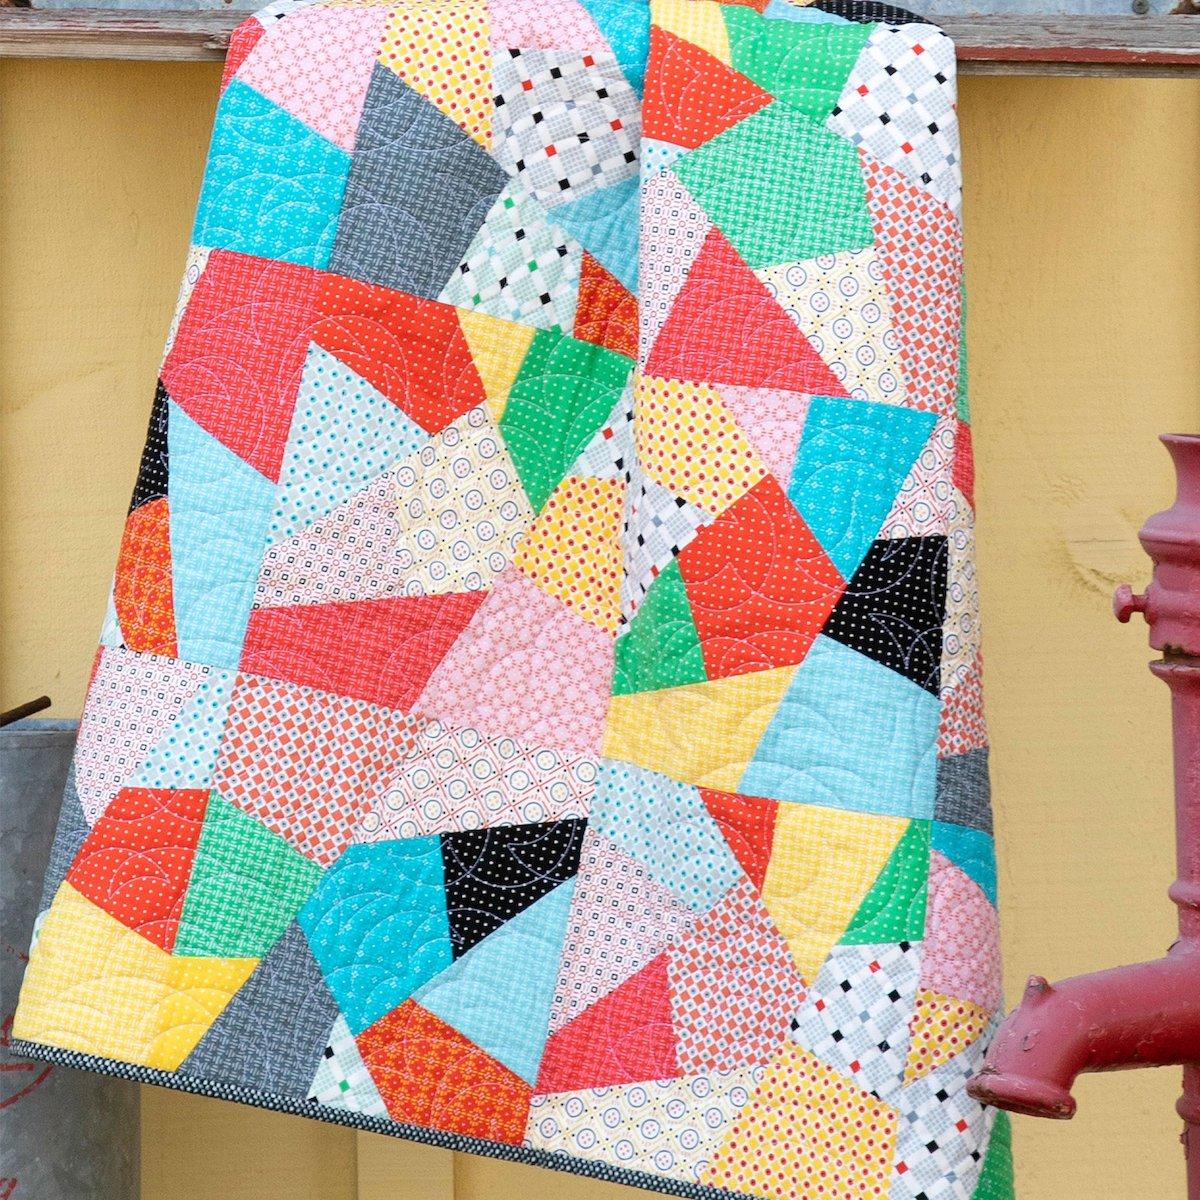 PQ11544-lets-go-crazy-quilt-lifestyle-1500x1500-blog